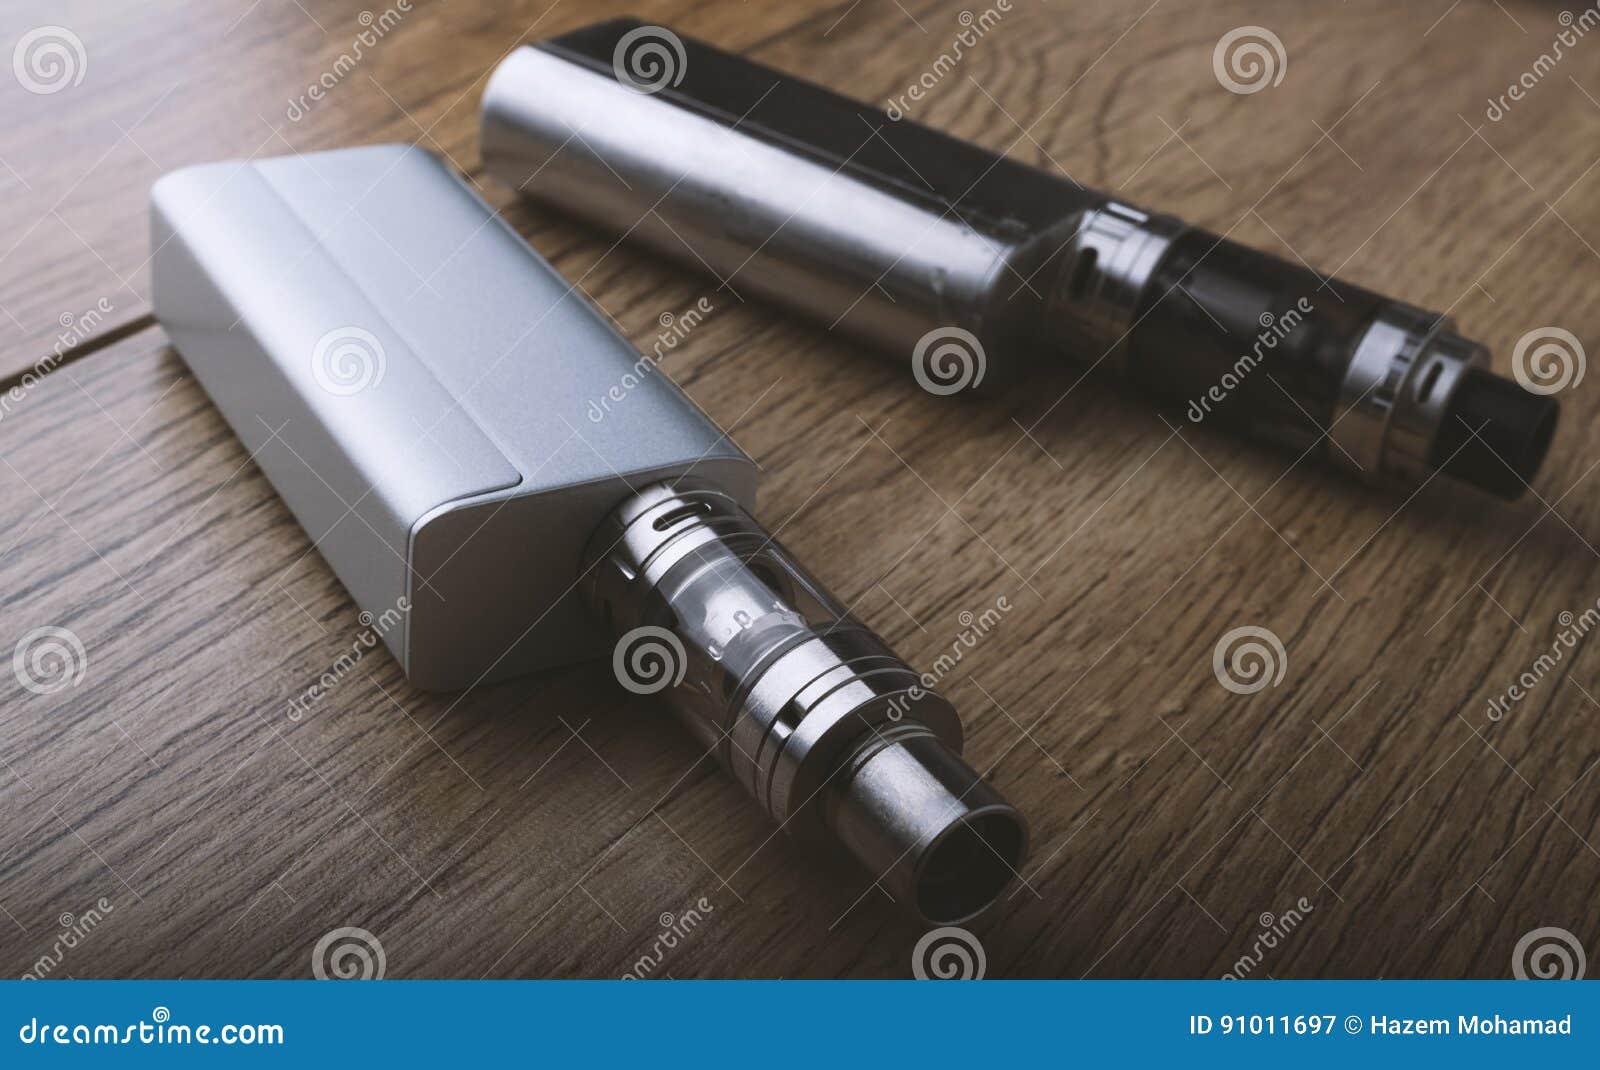 Vape-Stift und vaping Geräte, mods, Zerstäuber, e-Cig, e-Zigarette